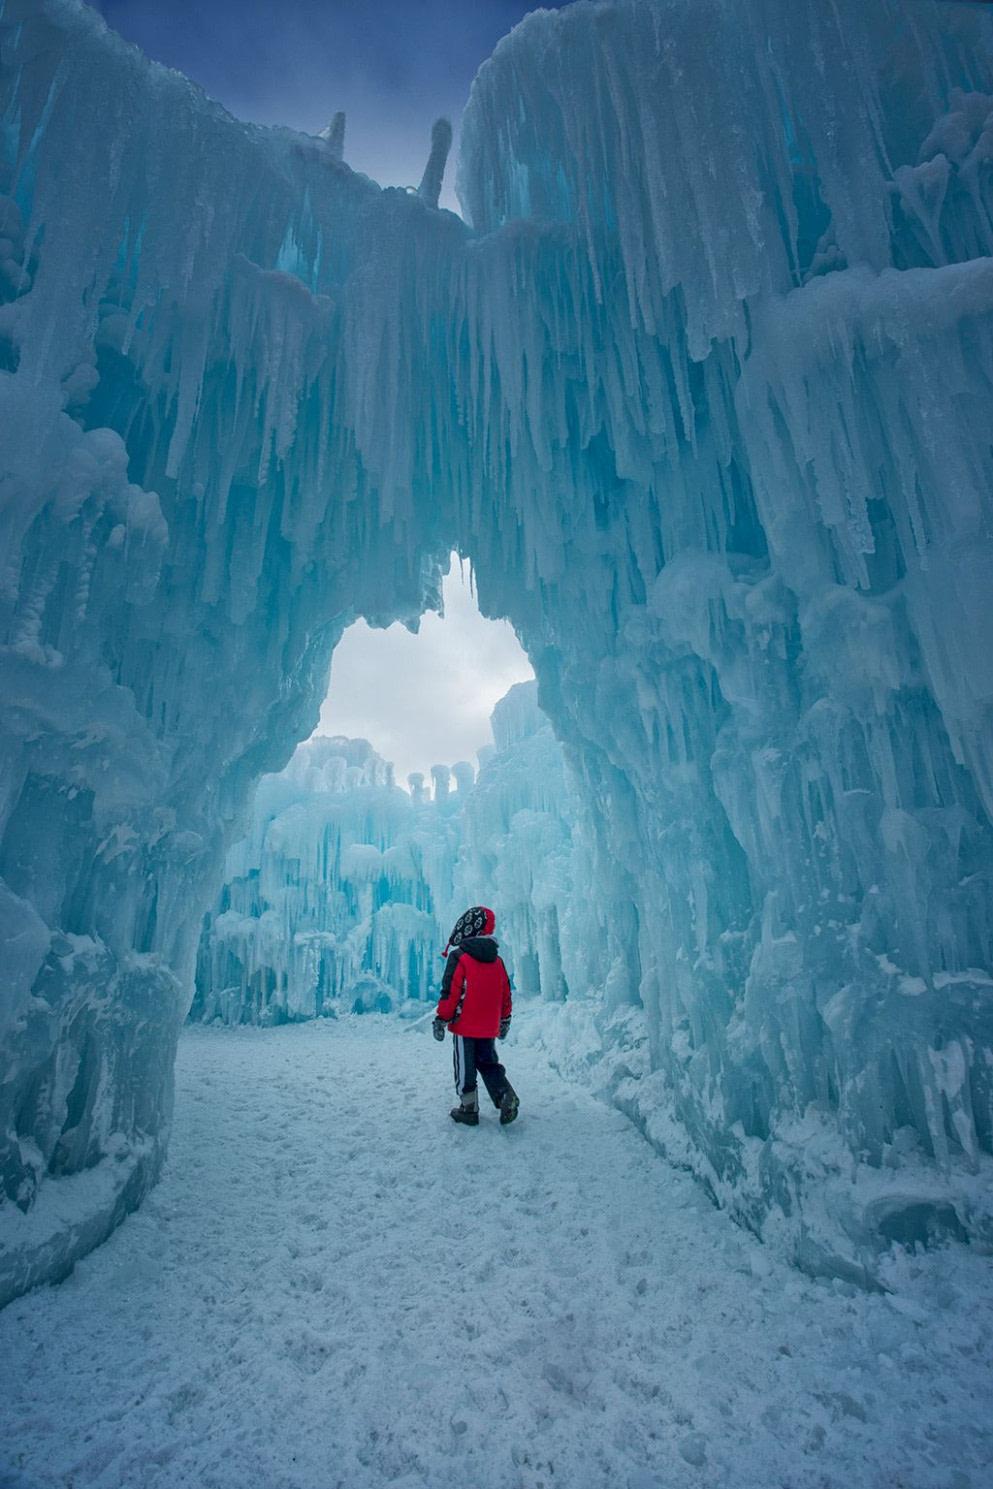 Ice Castles In Lincoln, NH Open Fri Sun, Tix Are $10  Ice Castles  - Things To Do In Lincoln Nh In Winter